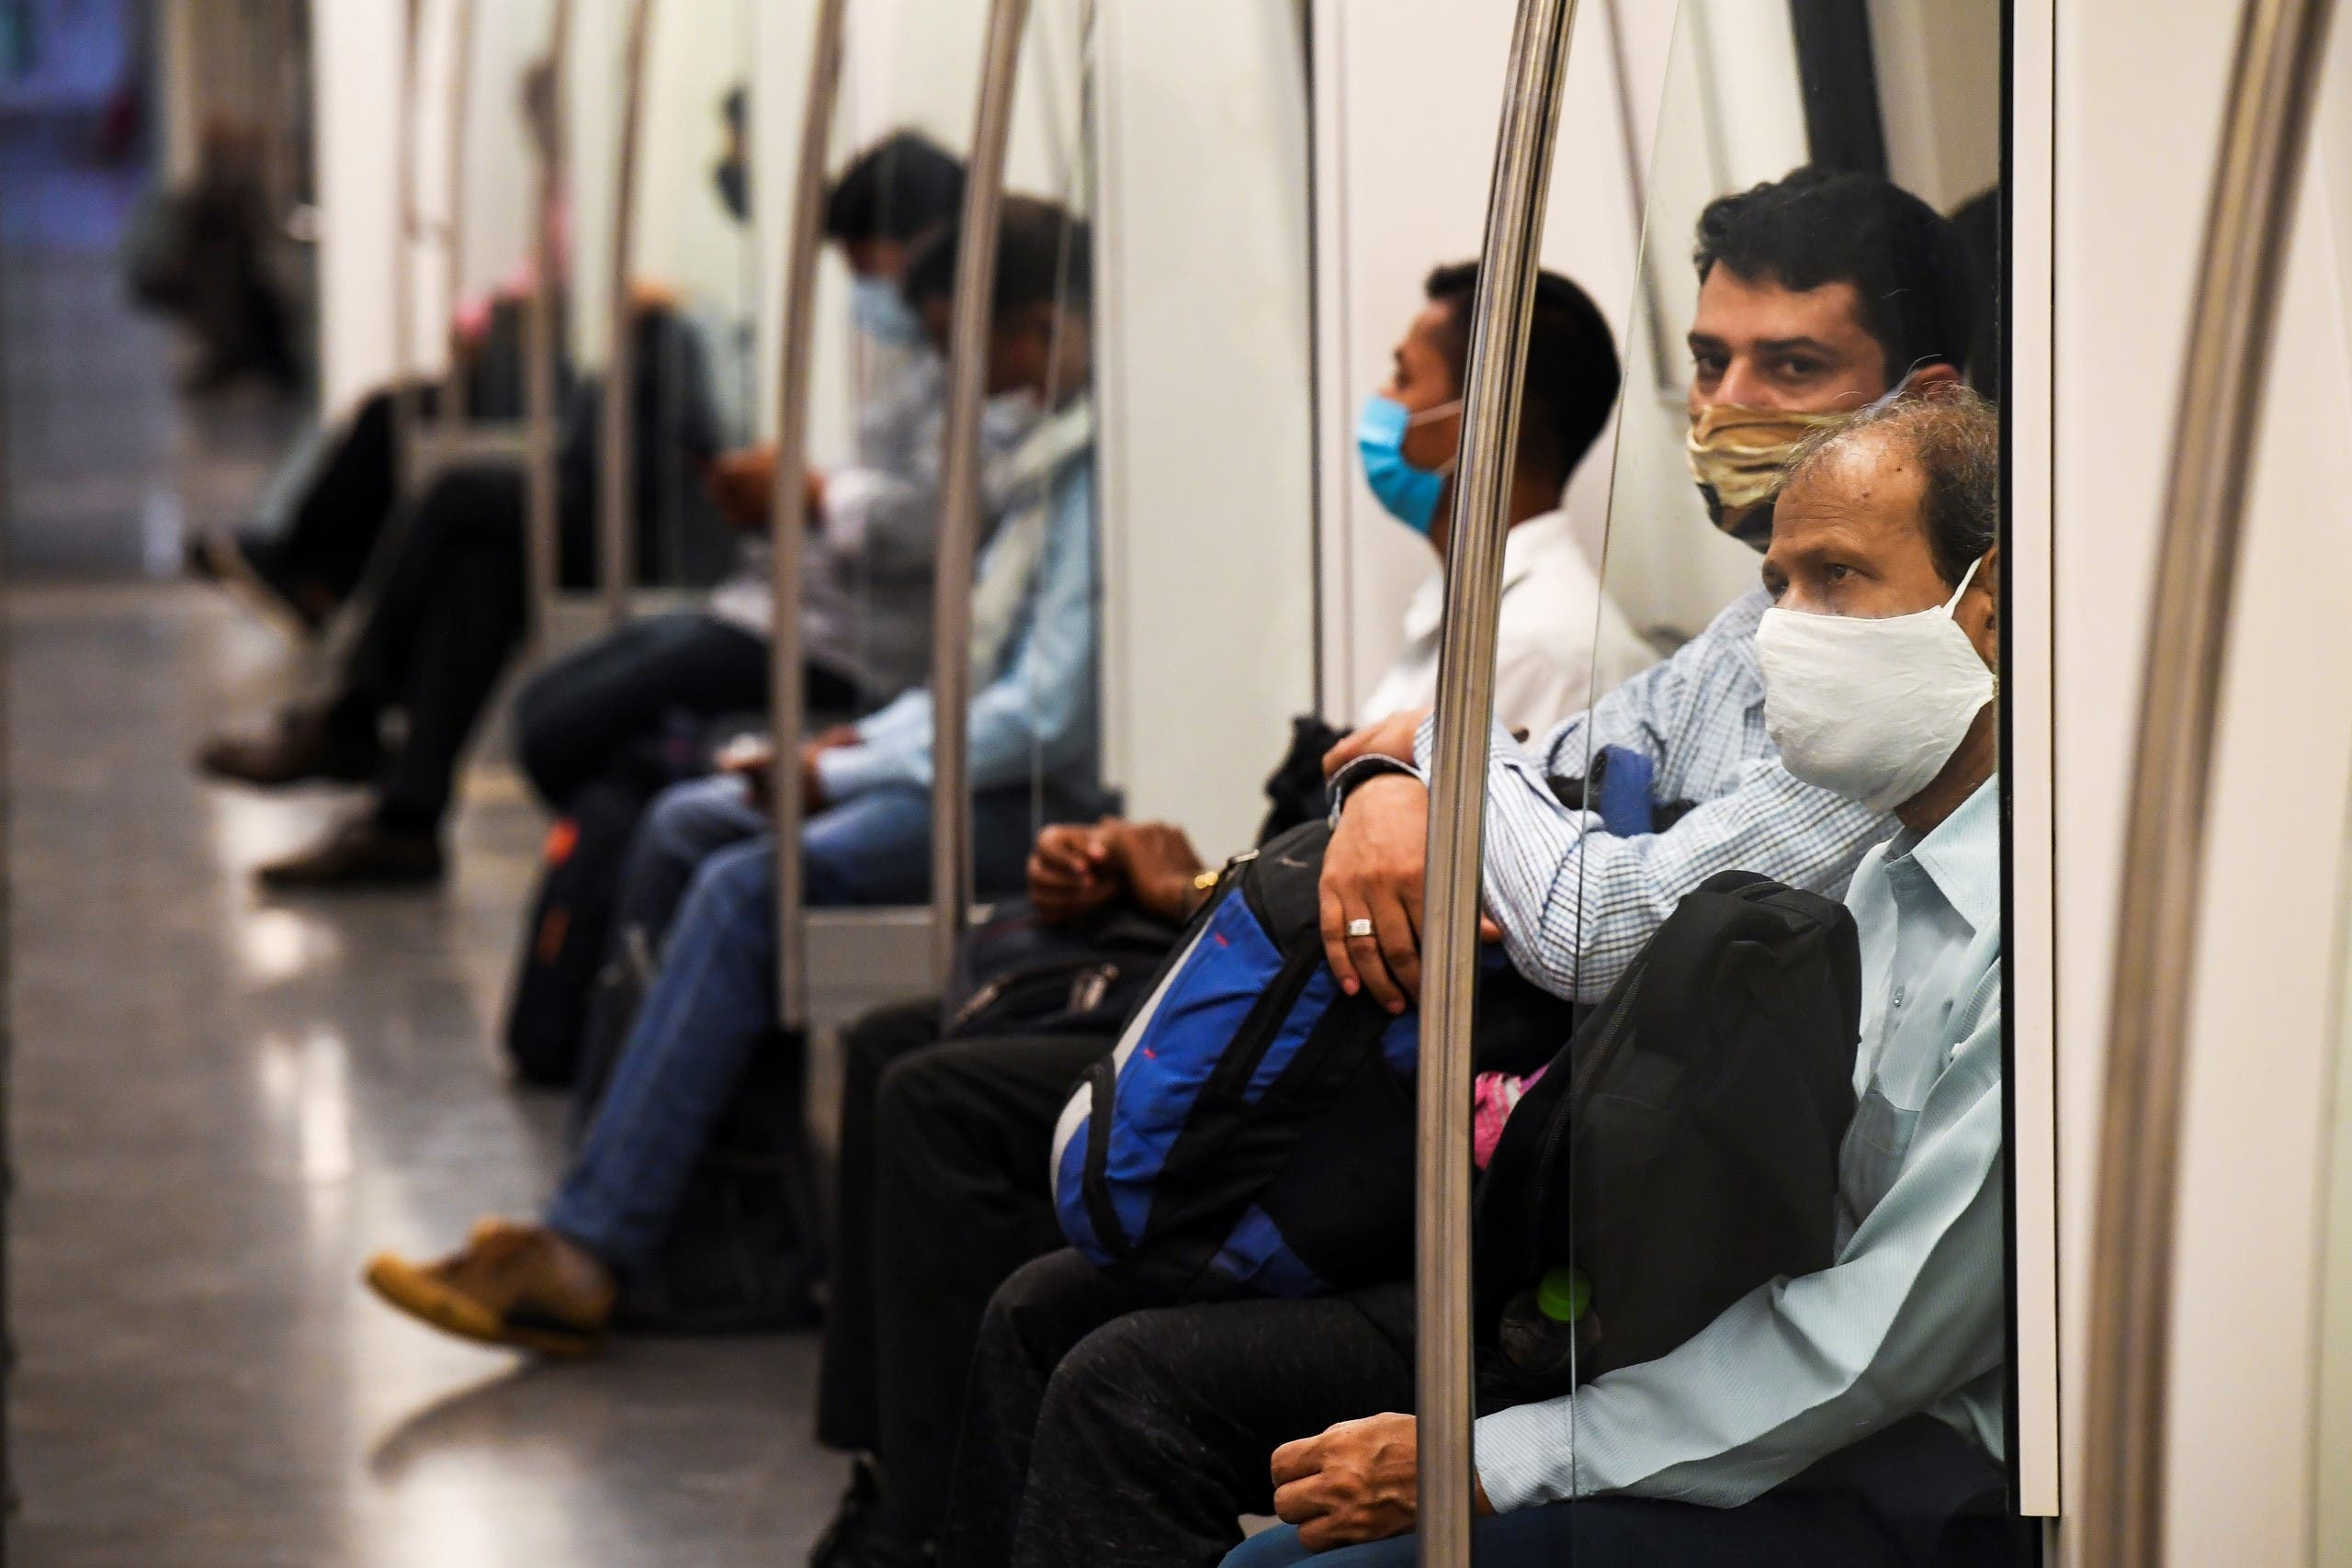 مسافرون في مترو بالهند يضعون كمامات للوقاية من كورونا